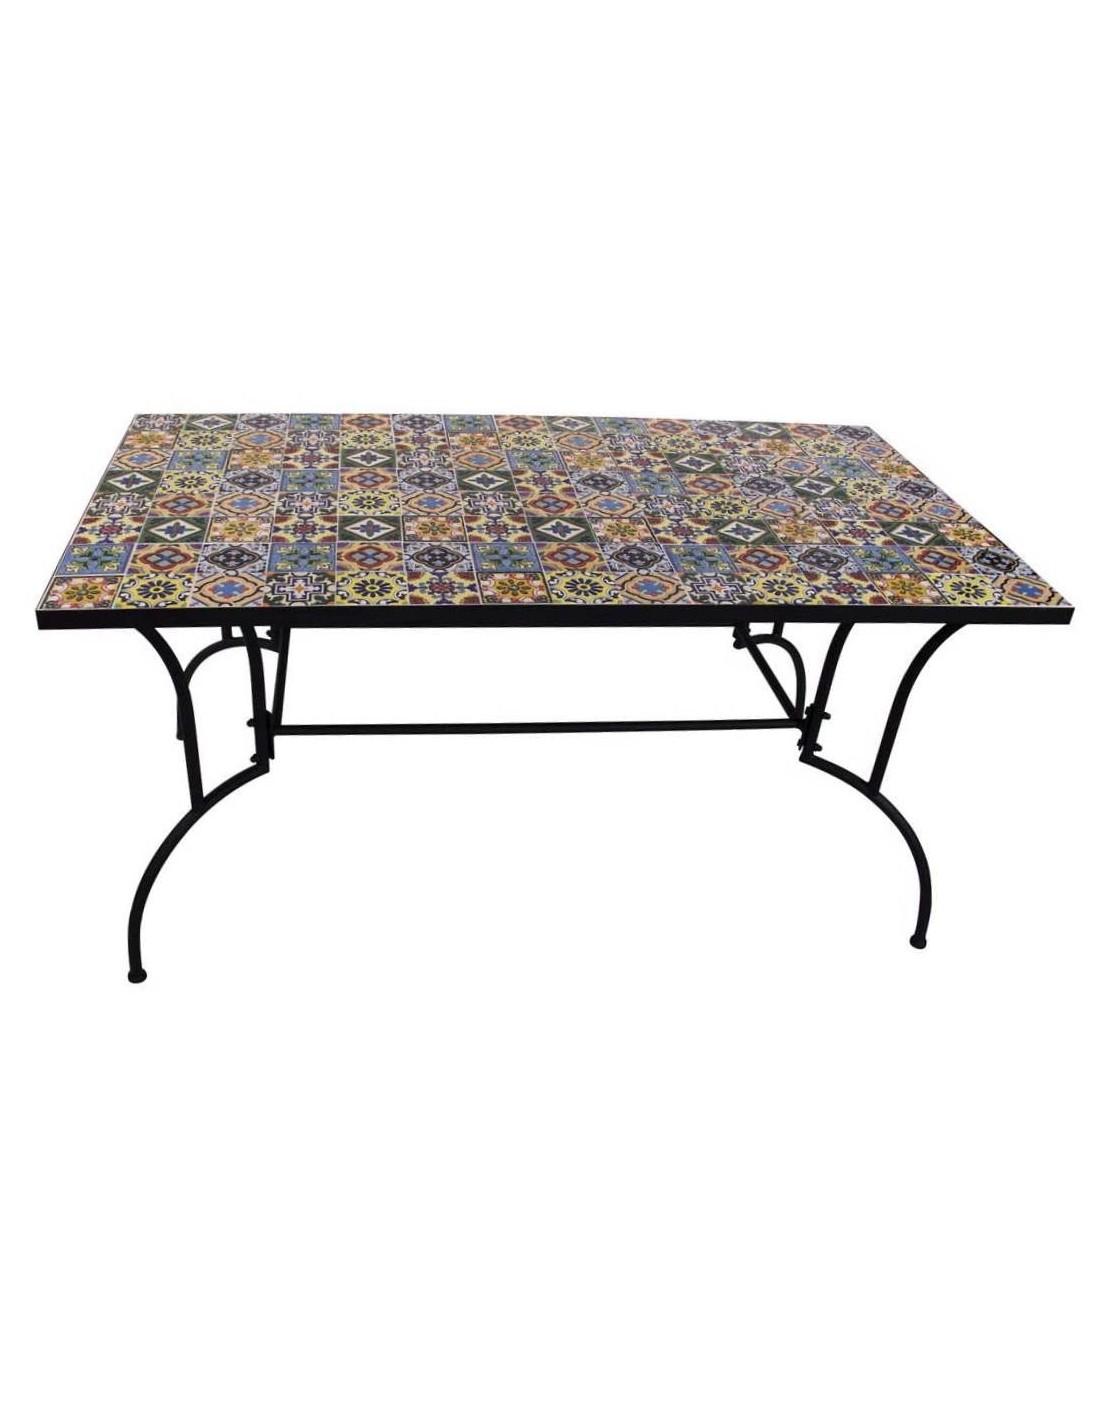 Tavolo in metallo per esterno 150 x 80 cm. con decorazione ...